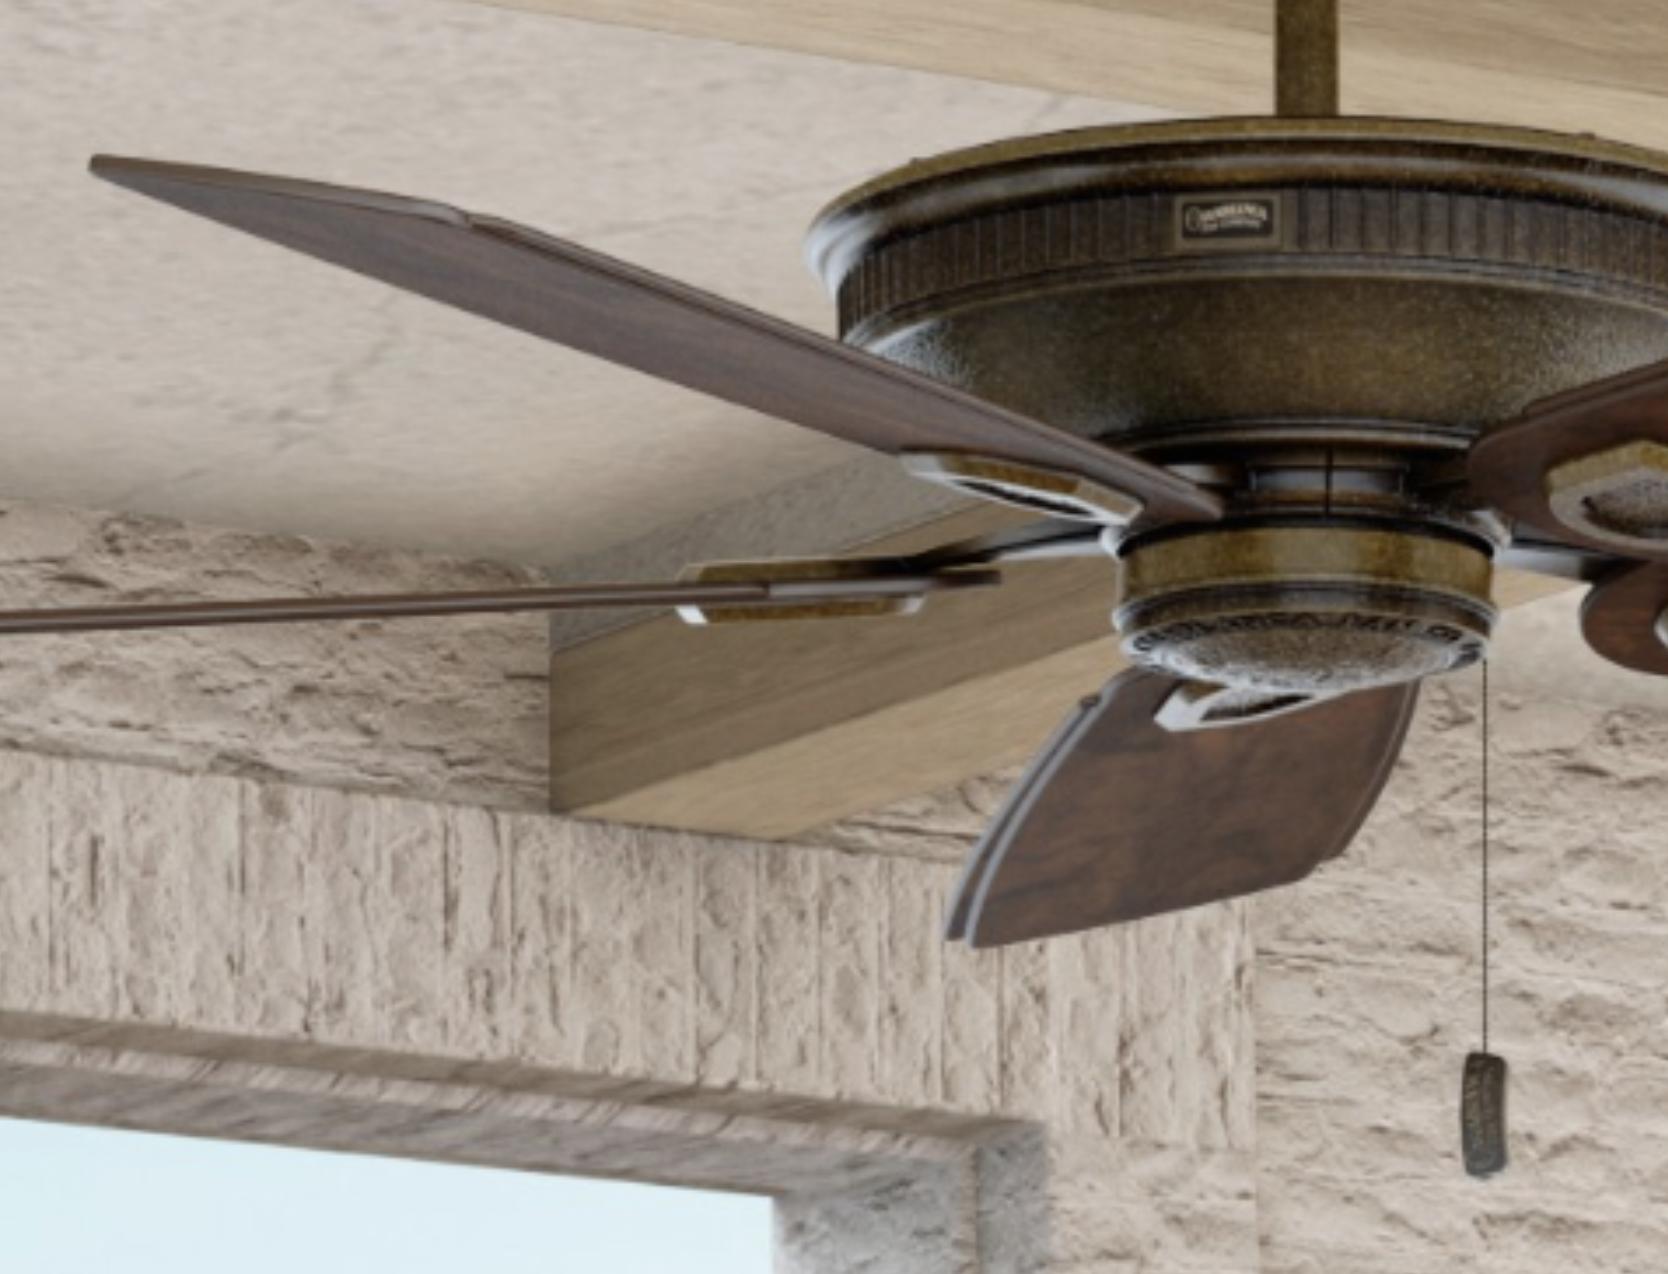 シーリングファンの撹拌効果で気流を活用してエアコンの設定温度を緩和